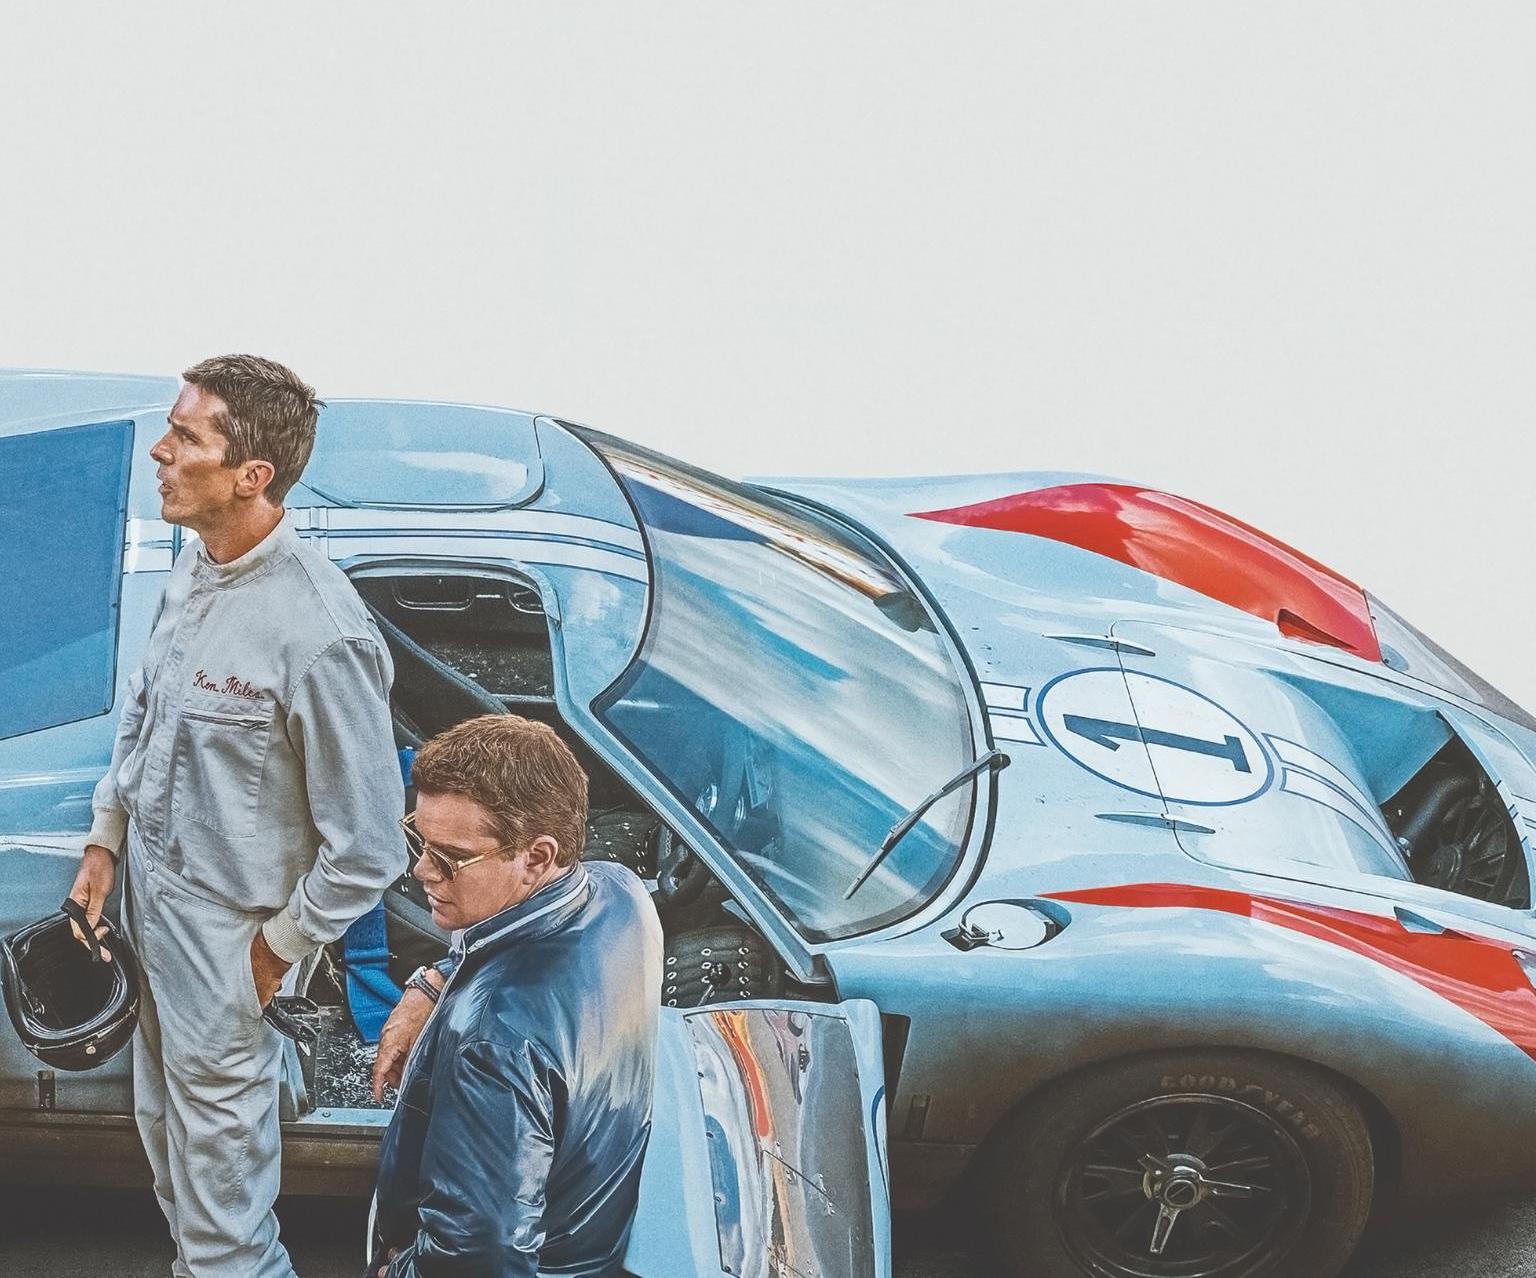 Le Mans '66 - La Grande Sfida: l'intima dimensione della velocità